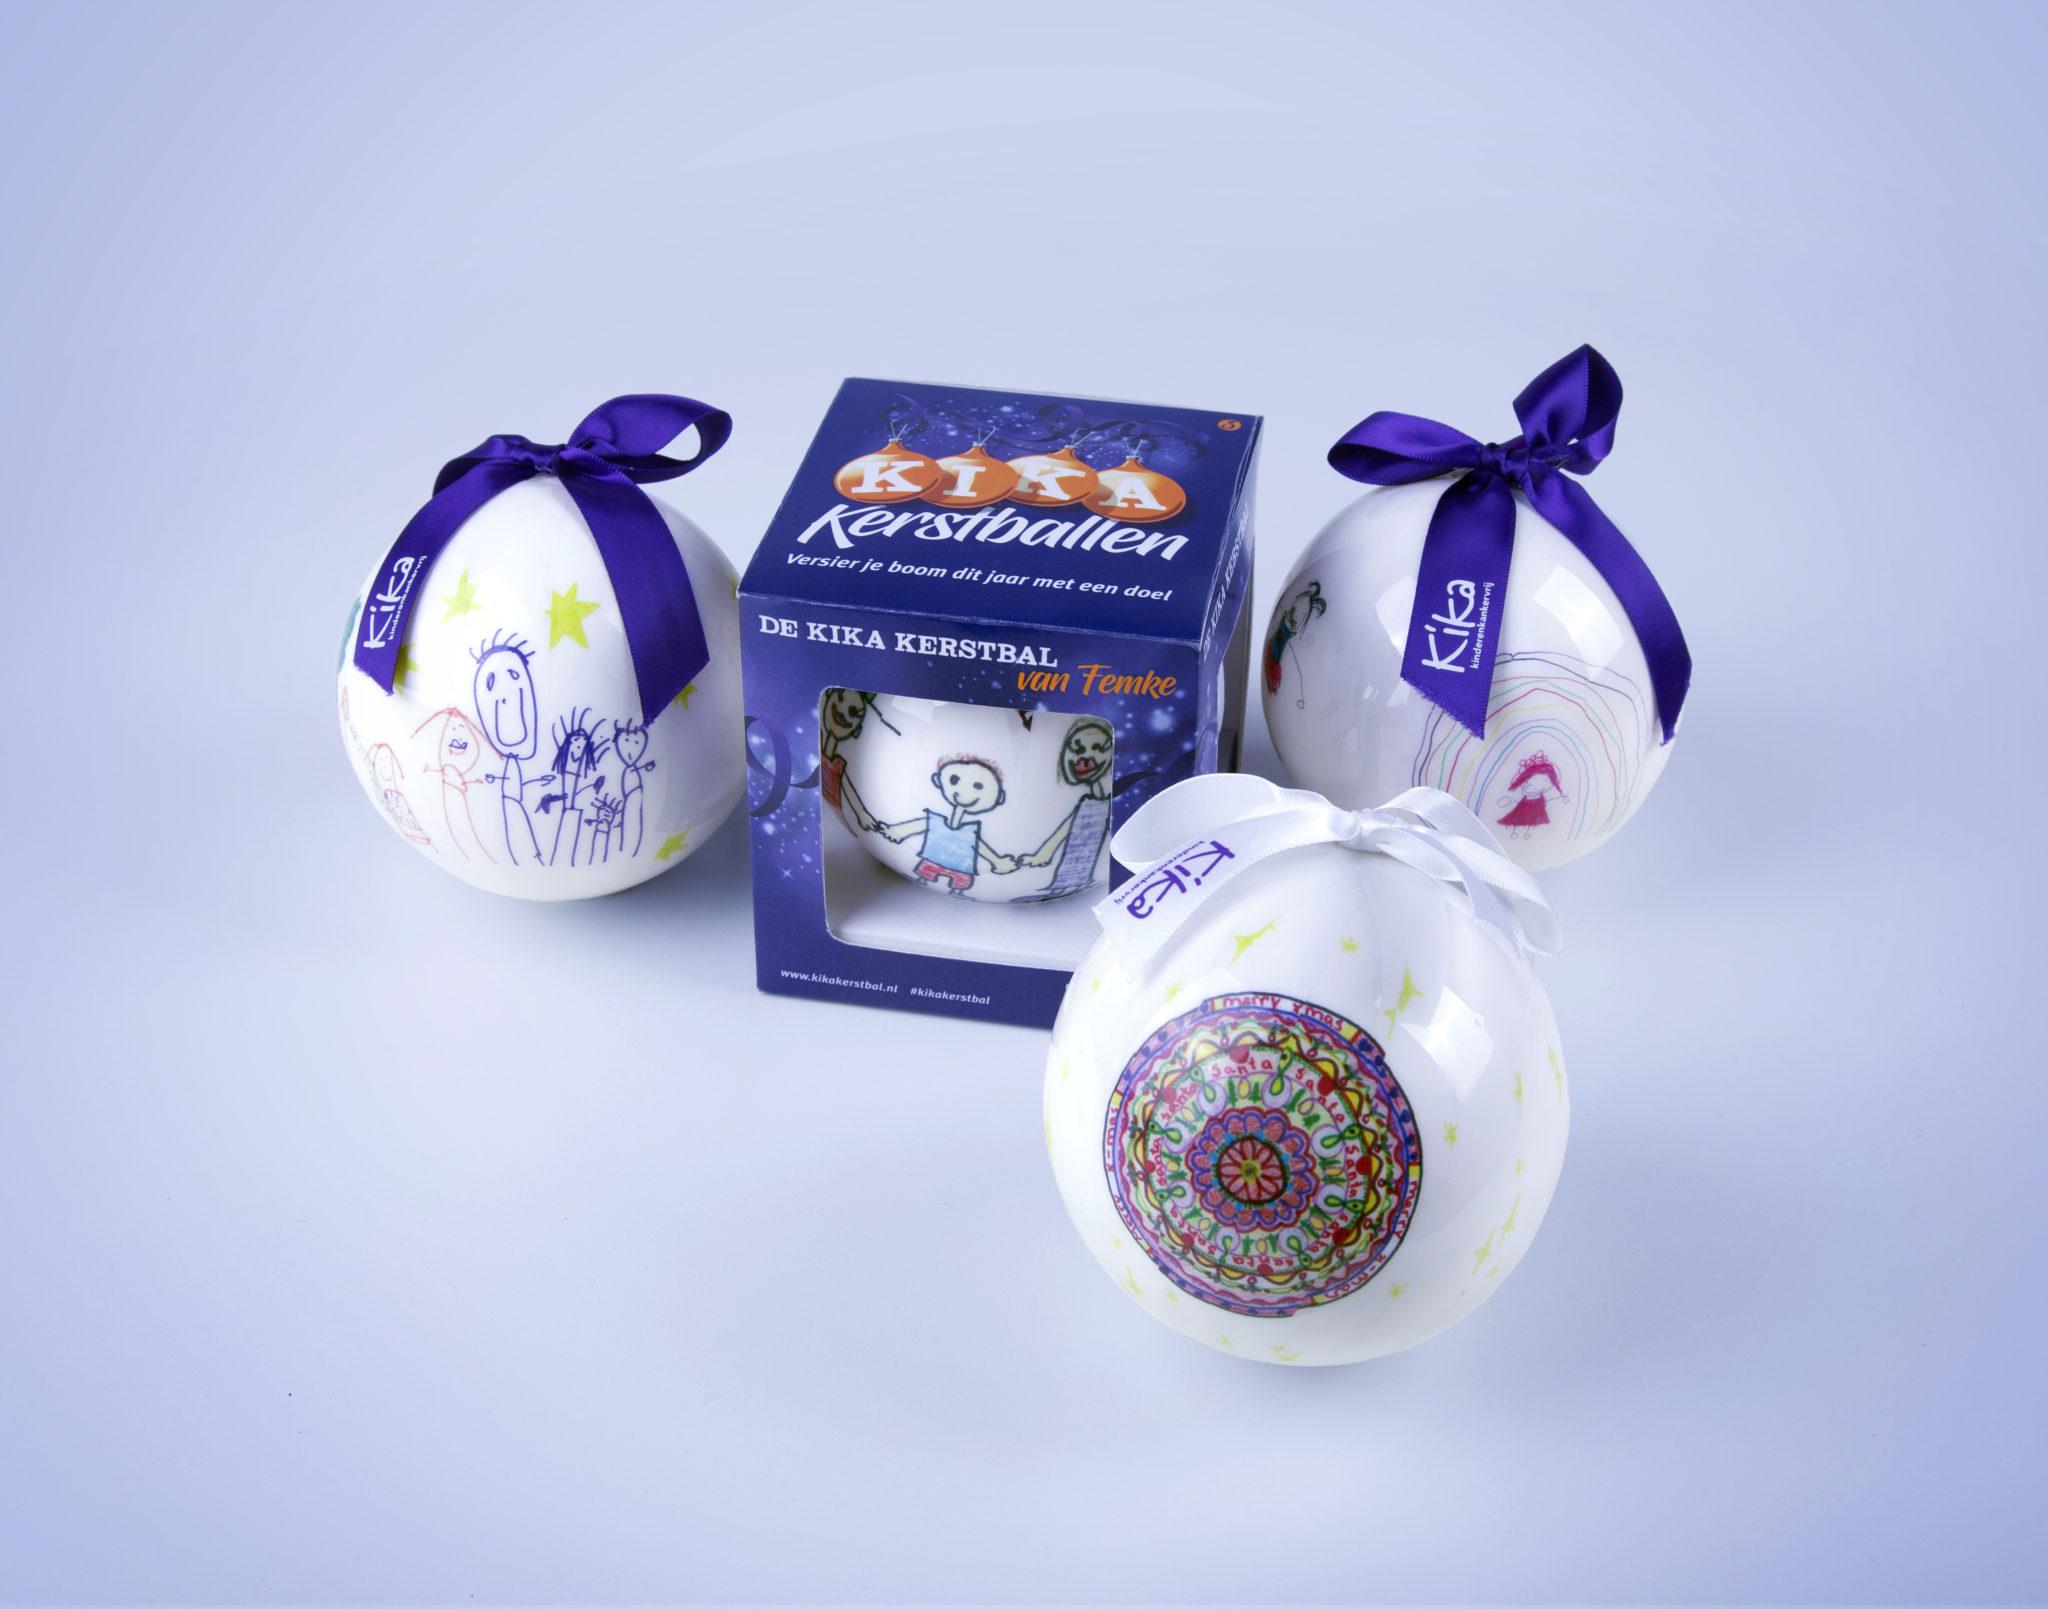 Verwonderlijk KiKa Kerstballen in strijd tegen kinderkanker - Nieuwe Meerbode AQ-59